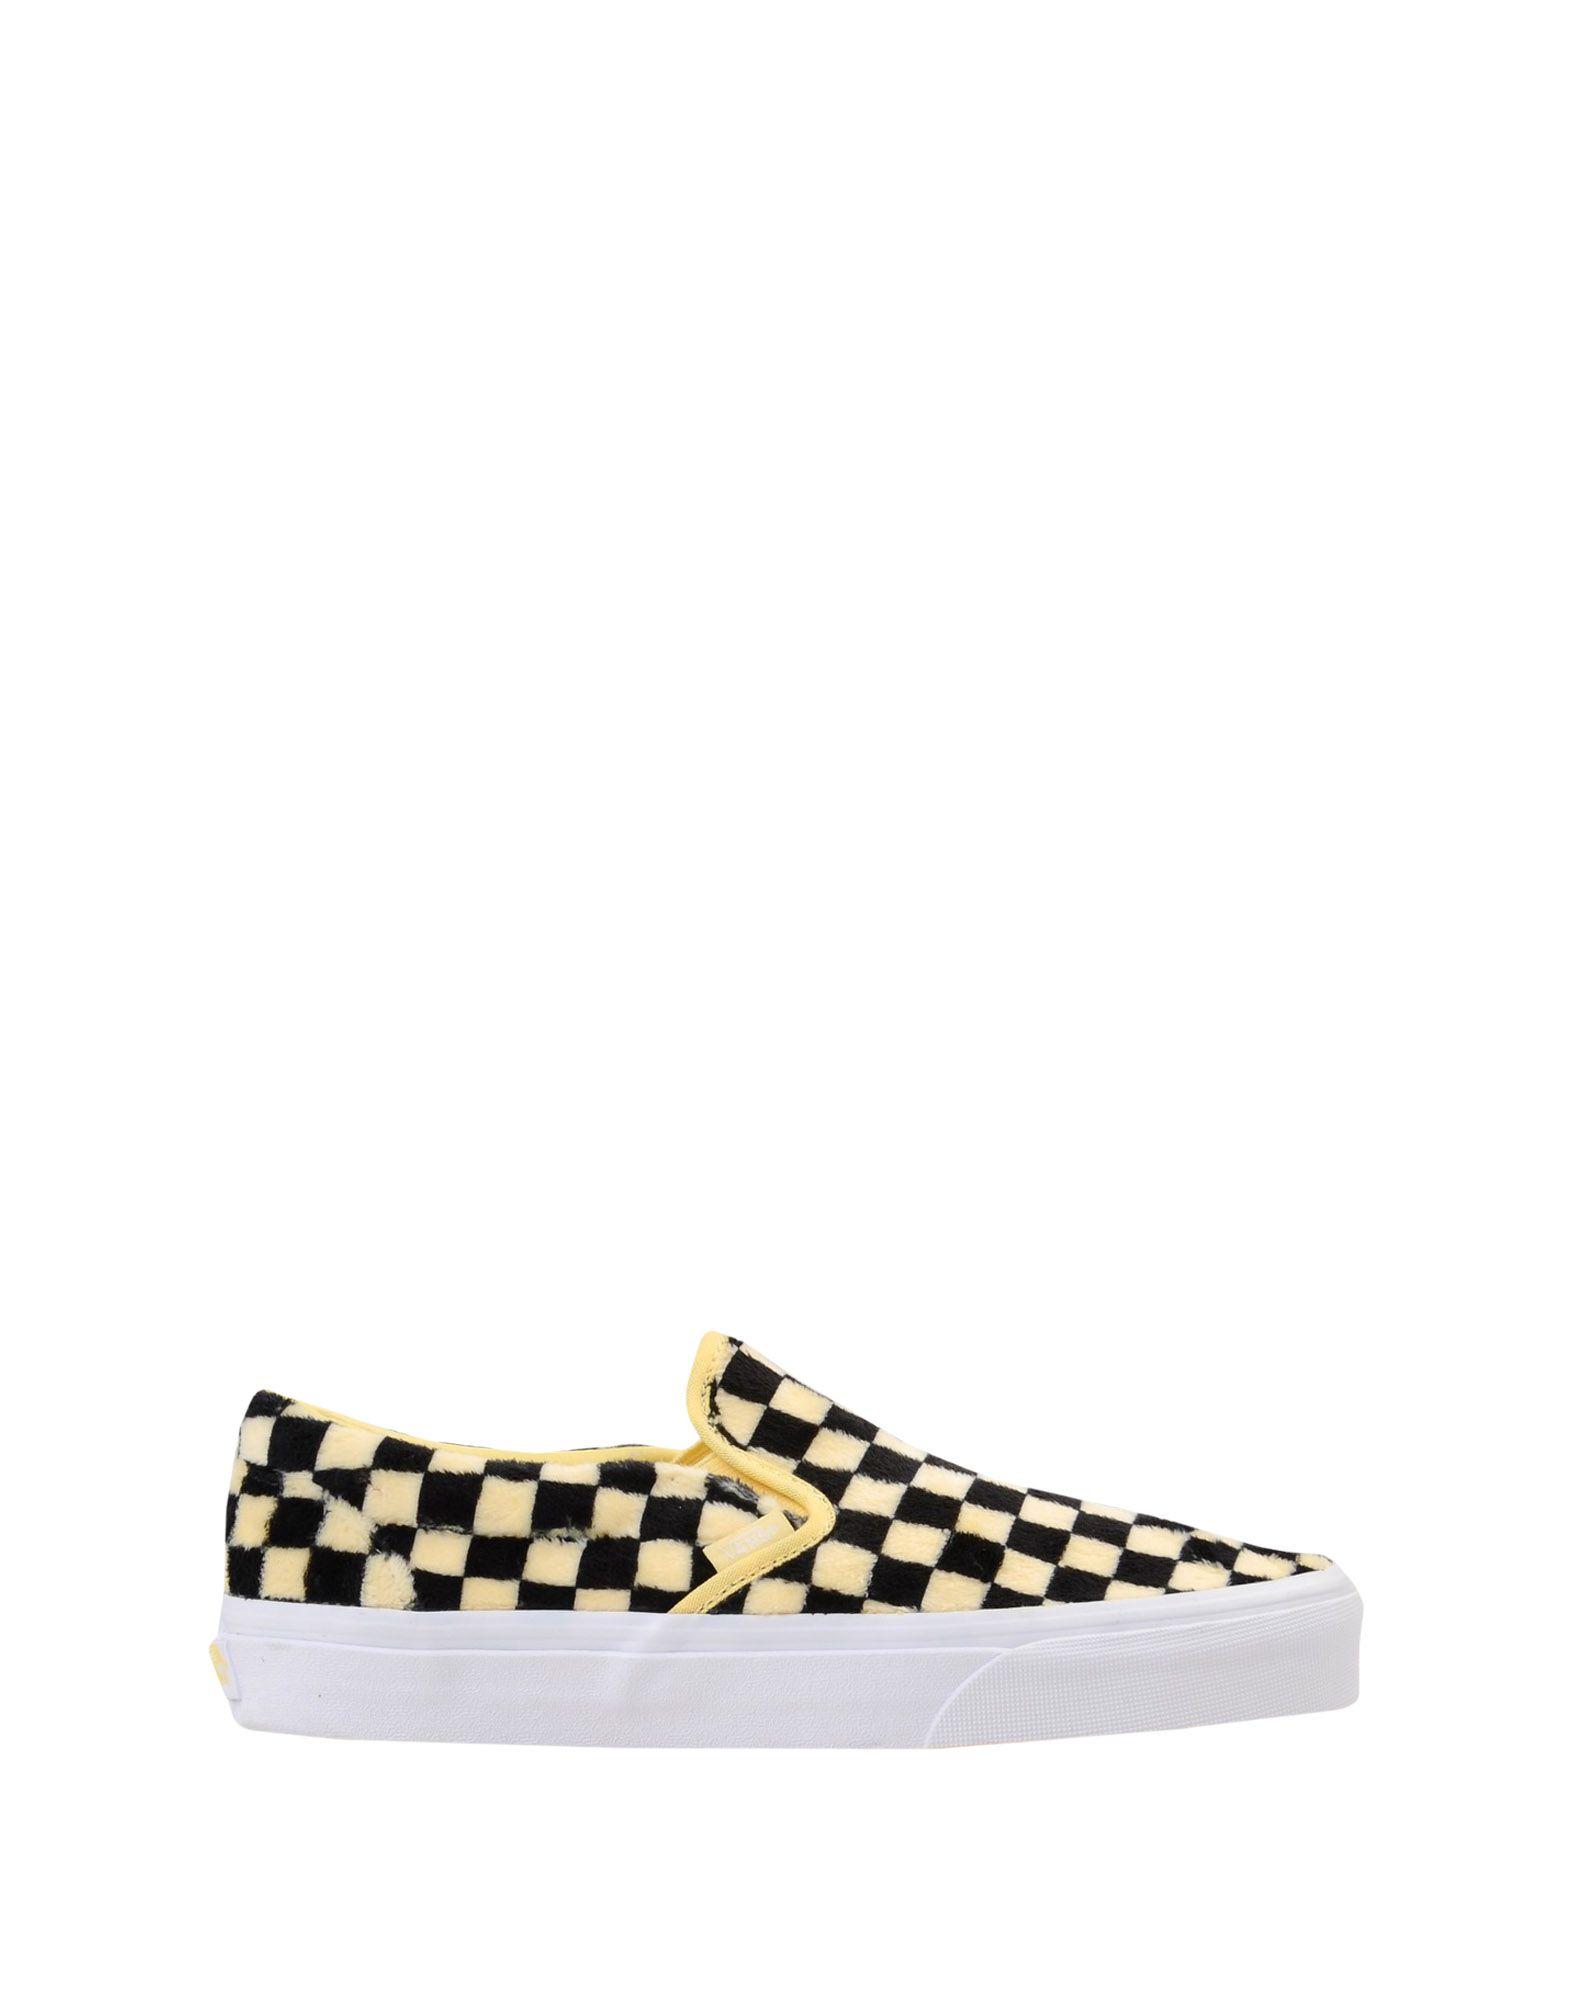 Sneakers Vans Ua Classic Slip-On - Femme - Sneakers Vans sur